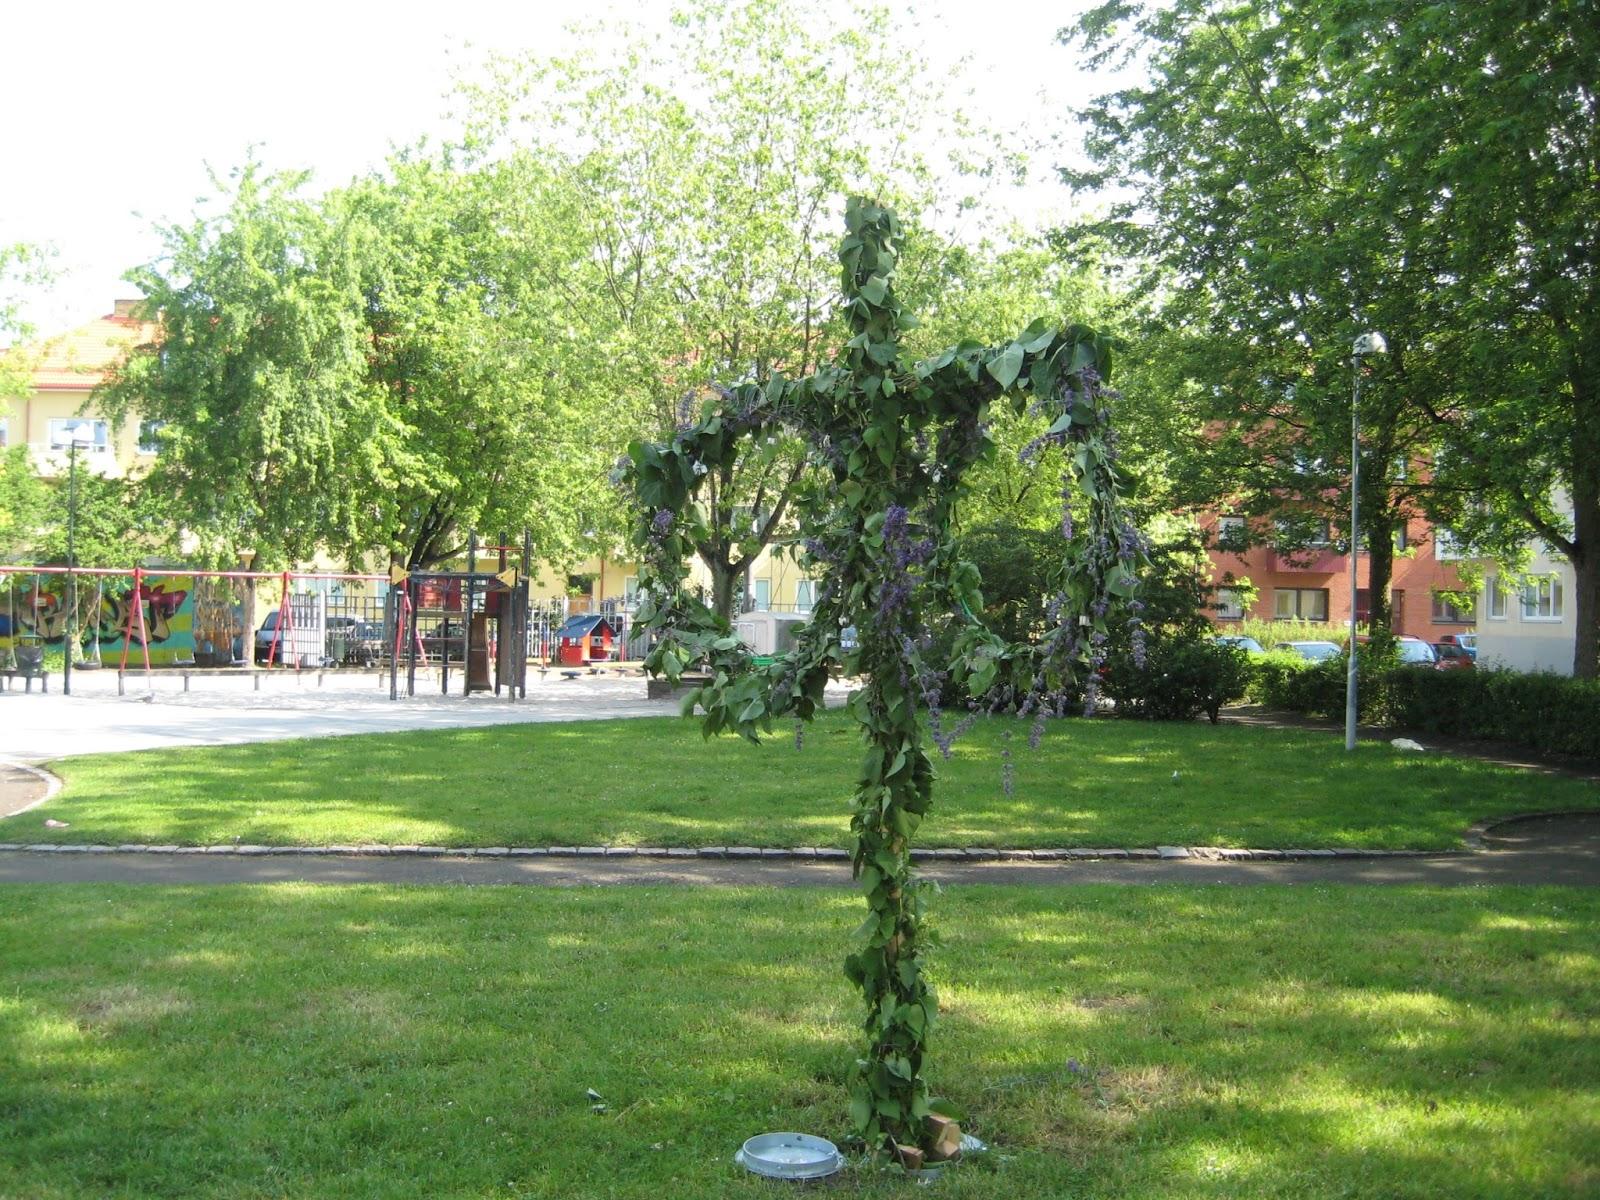 mötesplatsen seved Lidköping